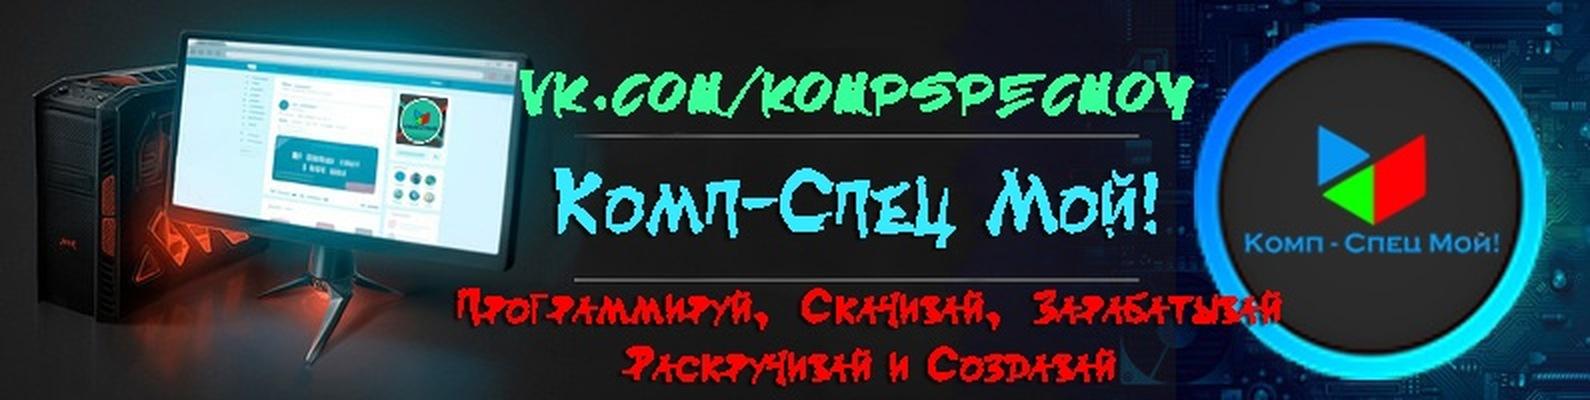 GORLOVKA S KOMP AT UA СПЕЦ КОМП СКАЧАТЬ БЕСПЛАТНО